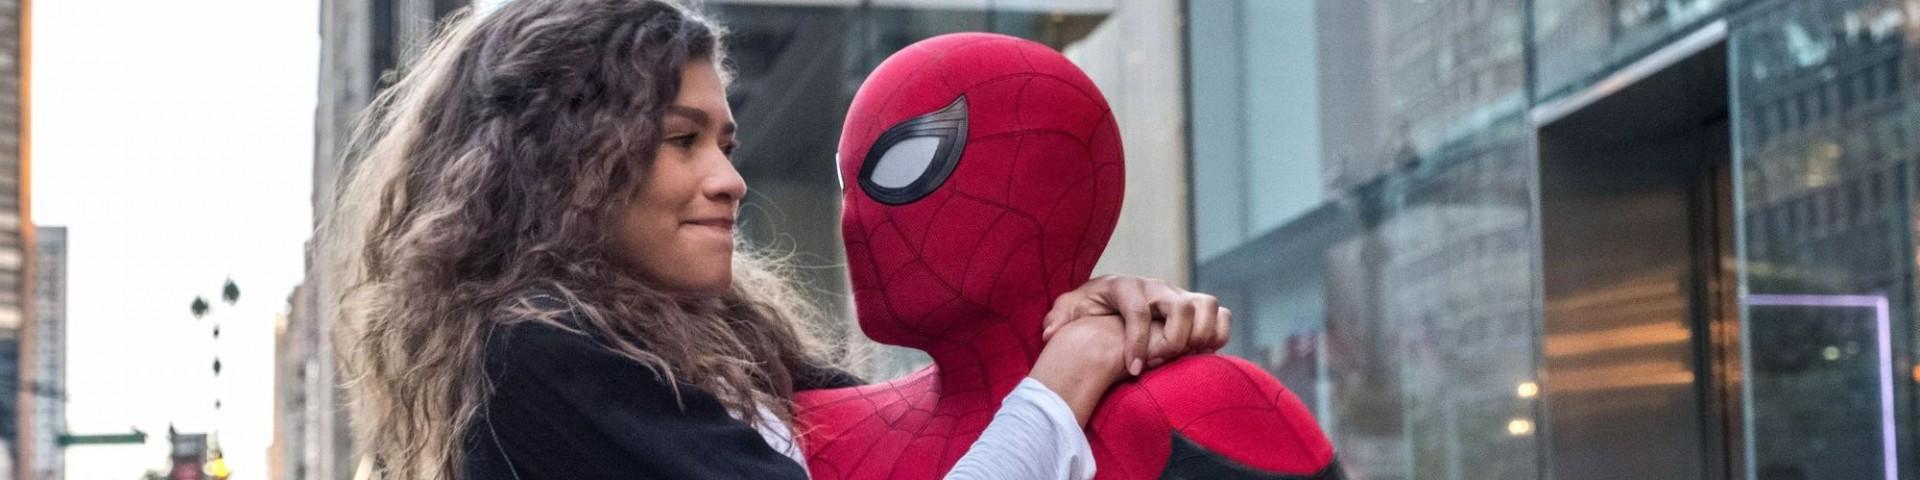 Spider-Man: Far From Home, le canzoni italiane che non ti aspetti nella colonna sonora - Video